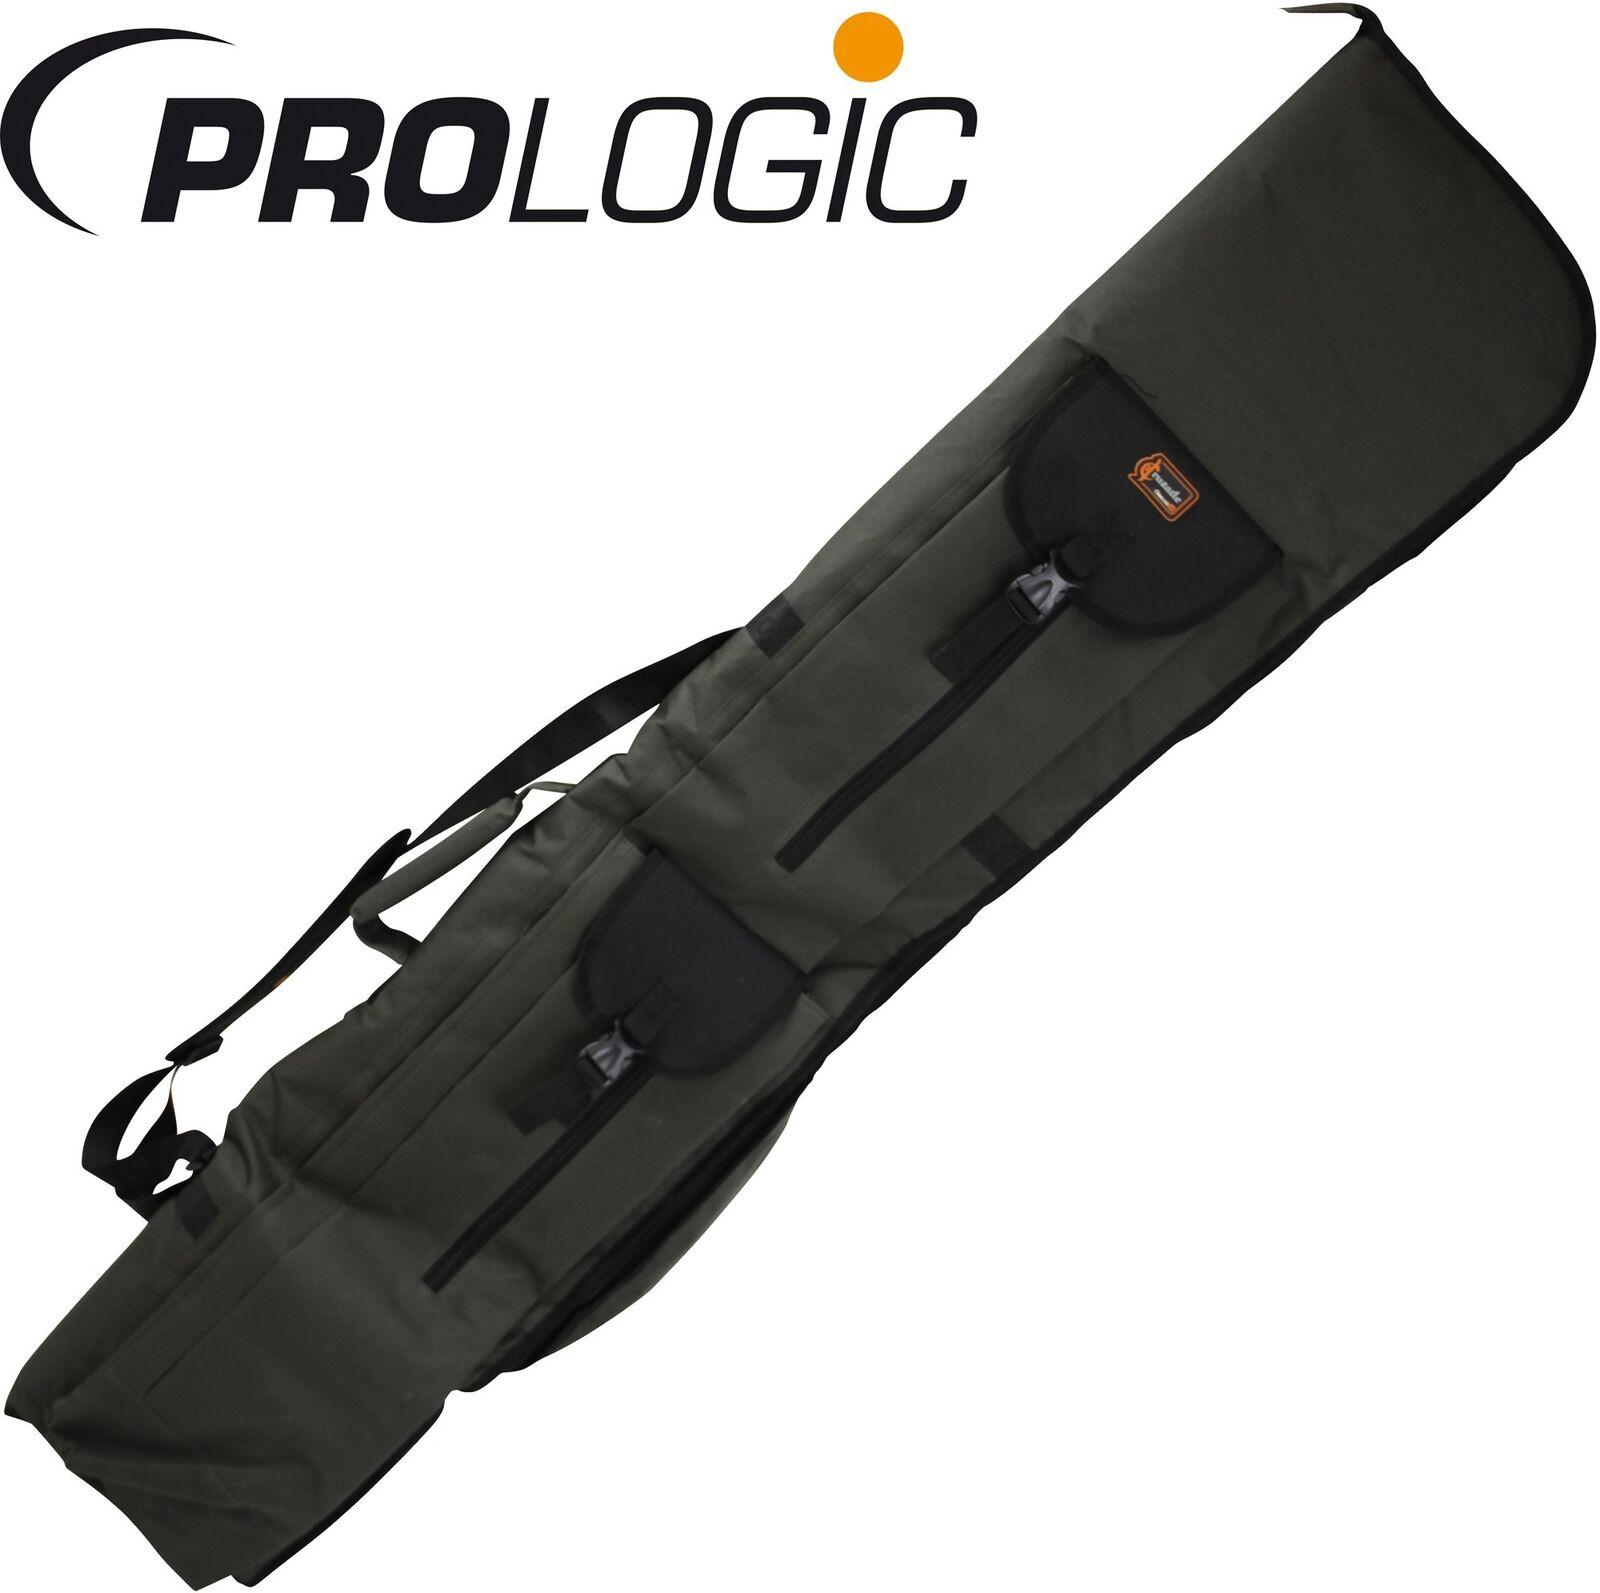 Prologic Cruzade Rod Holdall 3+3 138x30x10cm für Karpfenruten, Rutenfutteral  | Zuverlässige Qualität